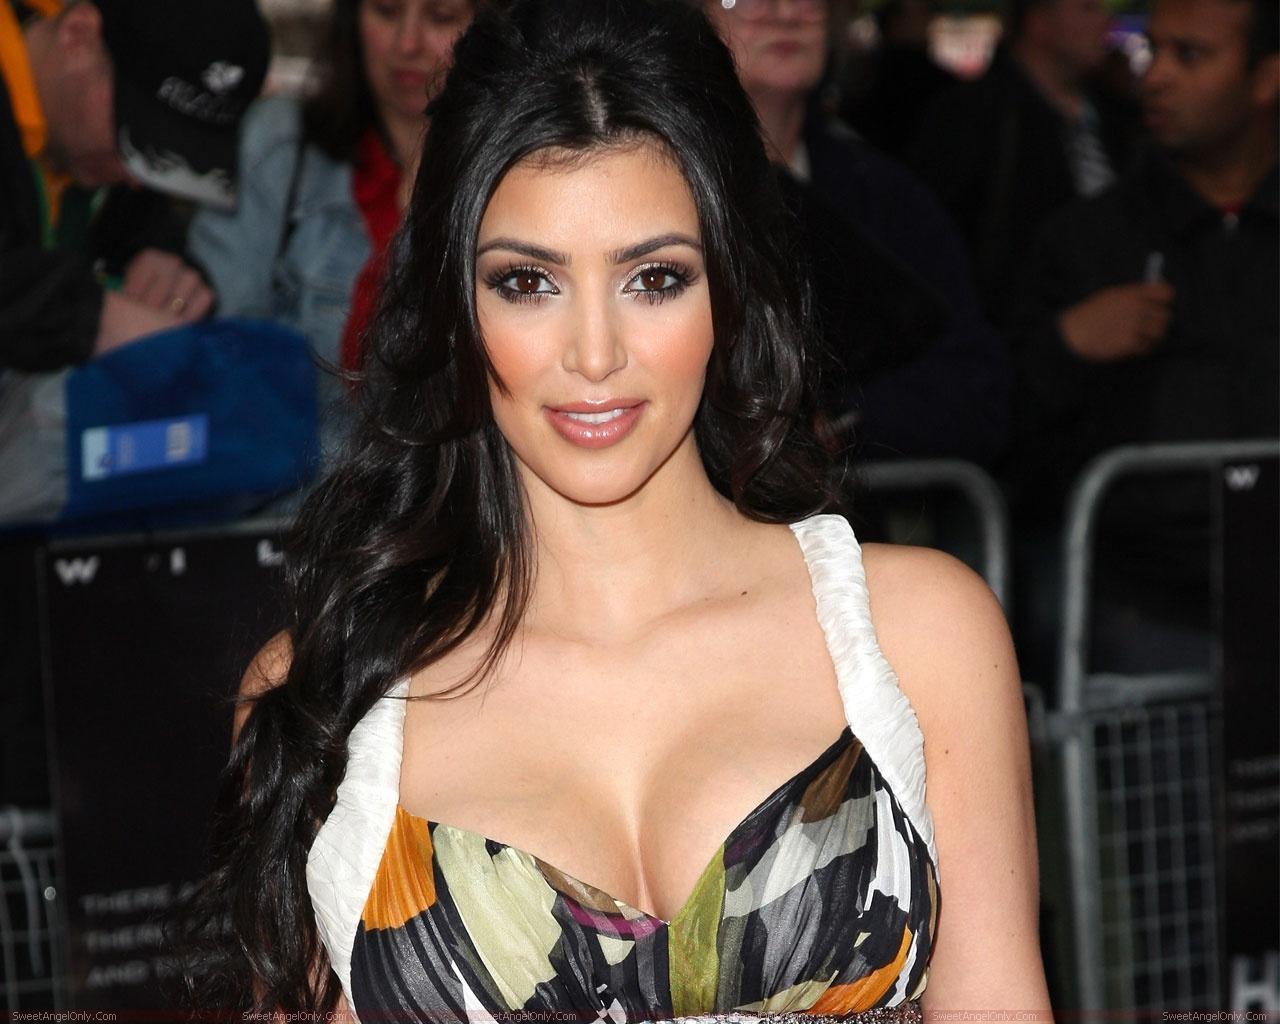 http://4.bp.blogspot.com/-4JibgA9mO-I/UNxxtMHKofI/AAAAAAAAAEc/foF9hojik3A/s1600/actress_kim_kardashian_super_wallpaper_sweetangelonly_22.jpg